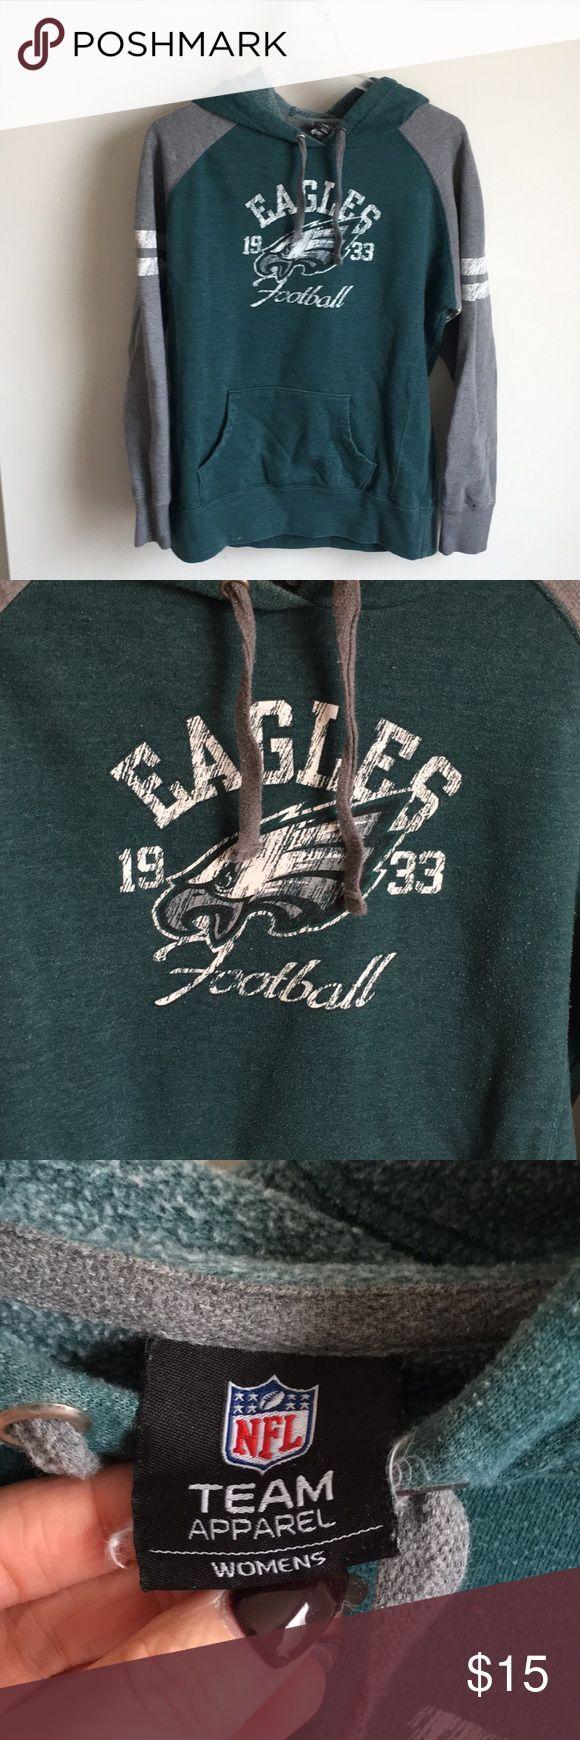 Philadelphia Eagles sweatshirt Used and very loved Eagles sweatshirt.  Has normal 'wear and tear', but still has tons of life left! NFL Tops Sweatshirts & Hoodies